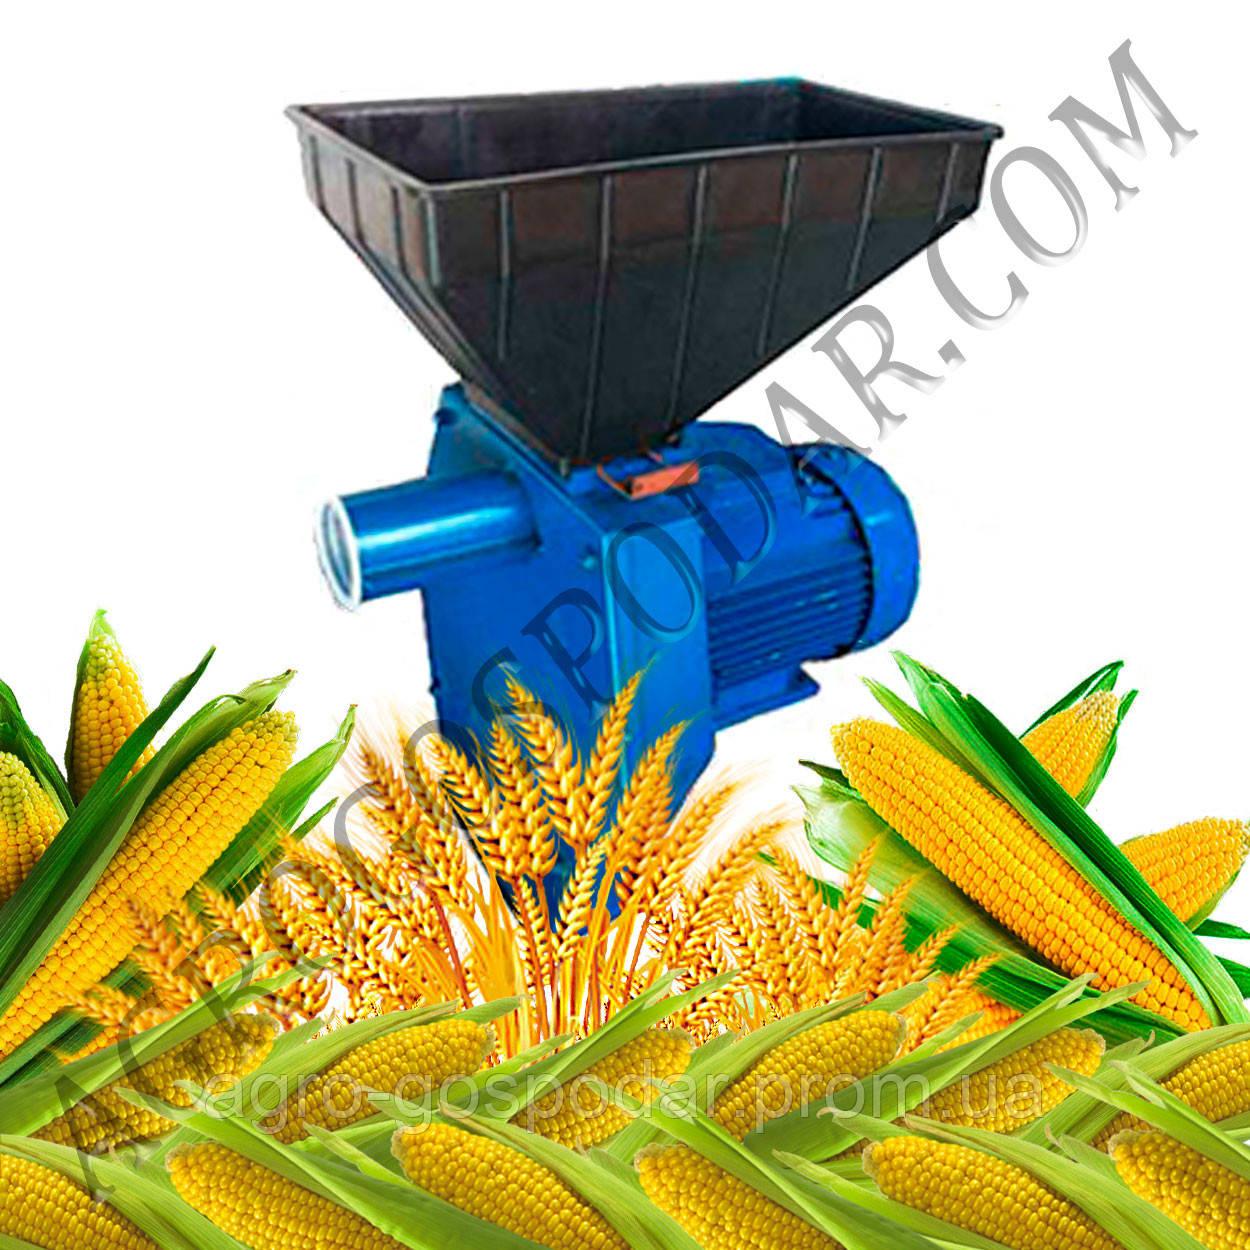 Измельчитель кормов «Эликор-1» исп.3 - зерно + початки кукурузы - АгроГосподар в Полтаве